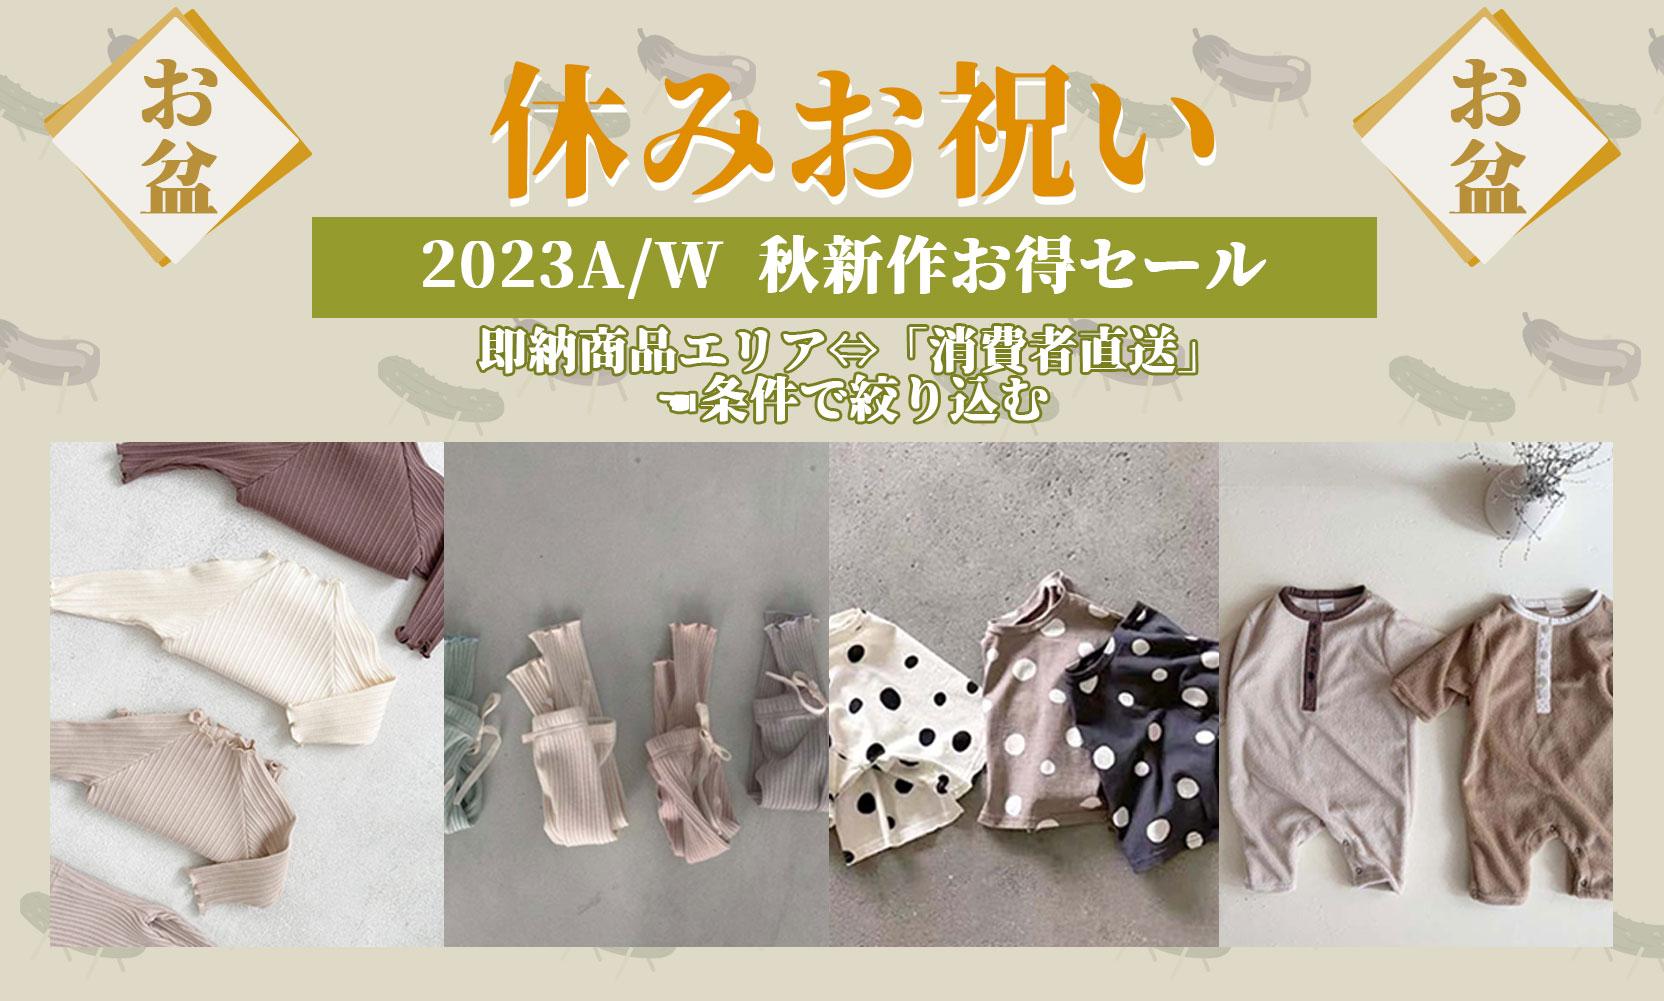 http://ftp.netsea.jp/ftpdata/u659860/note/33.jpg